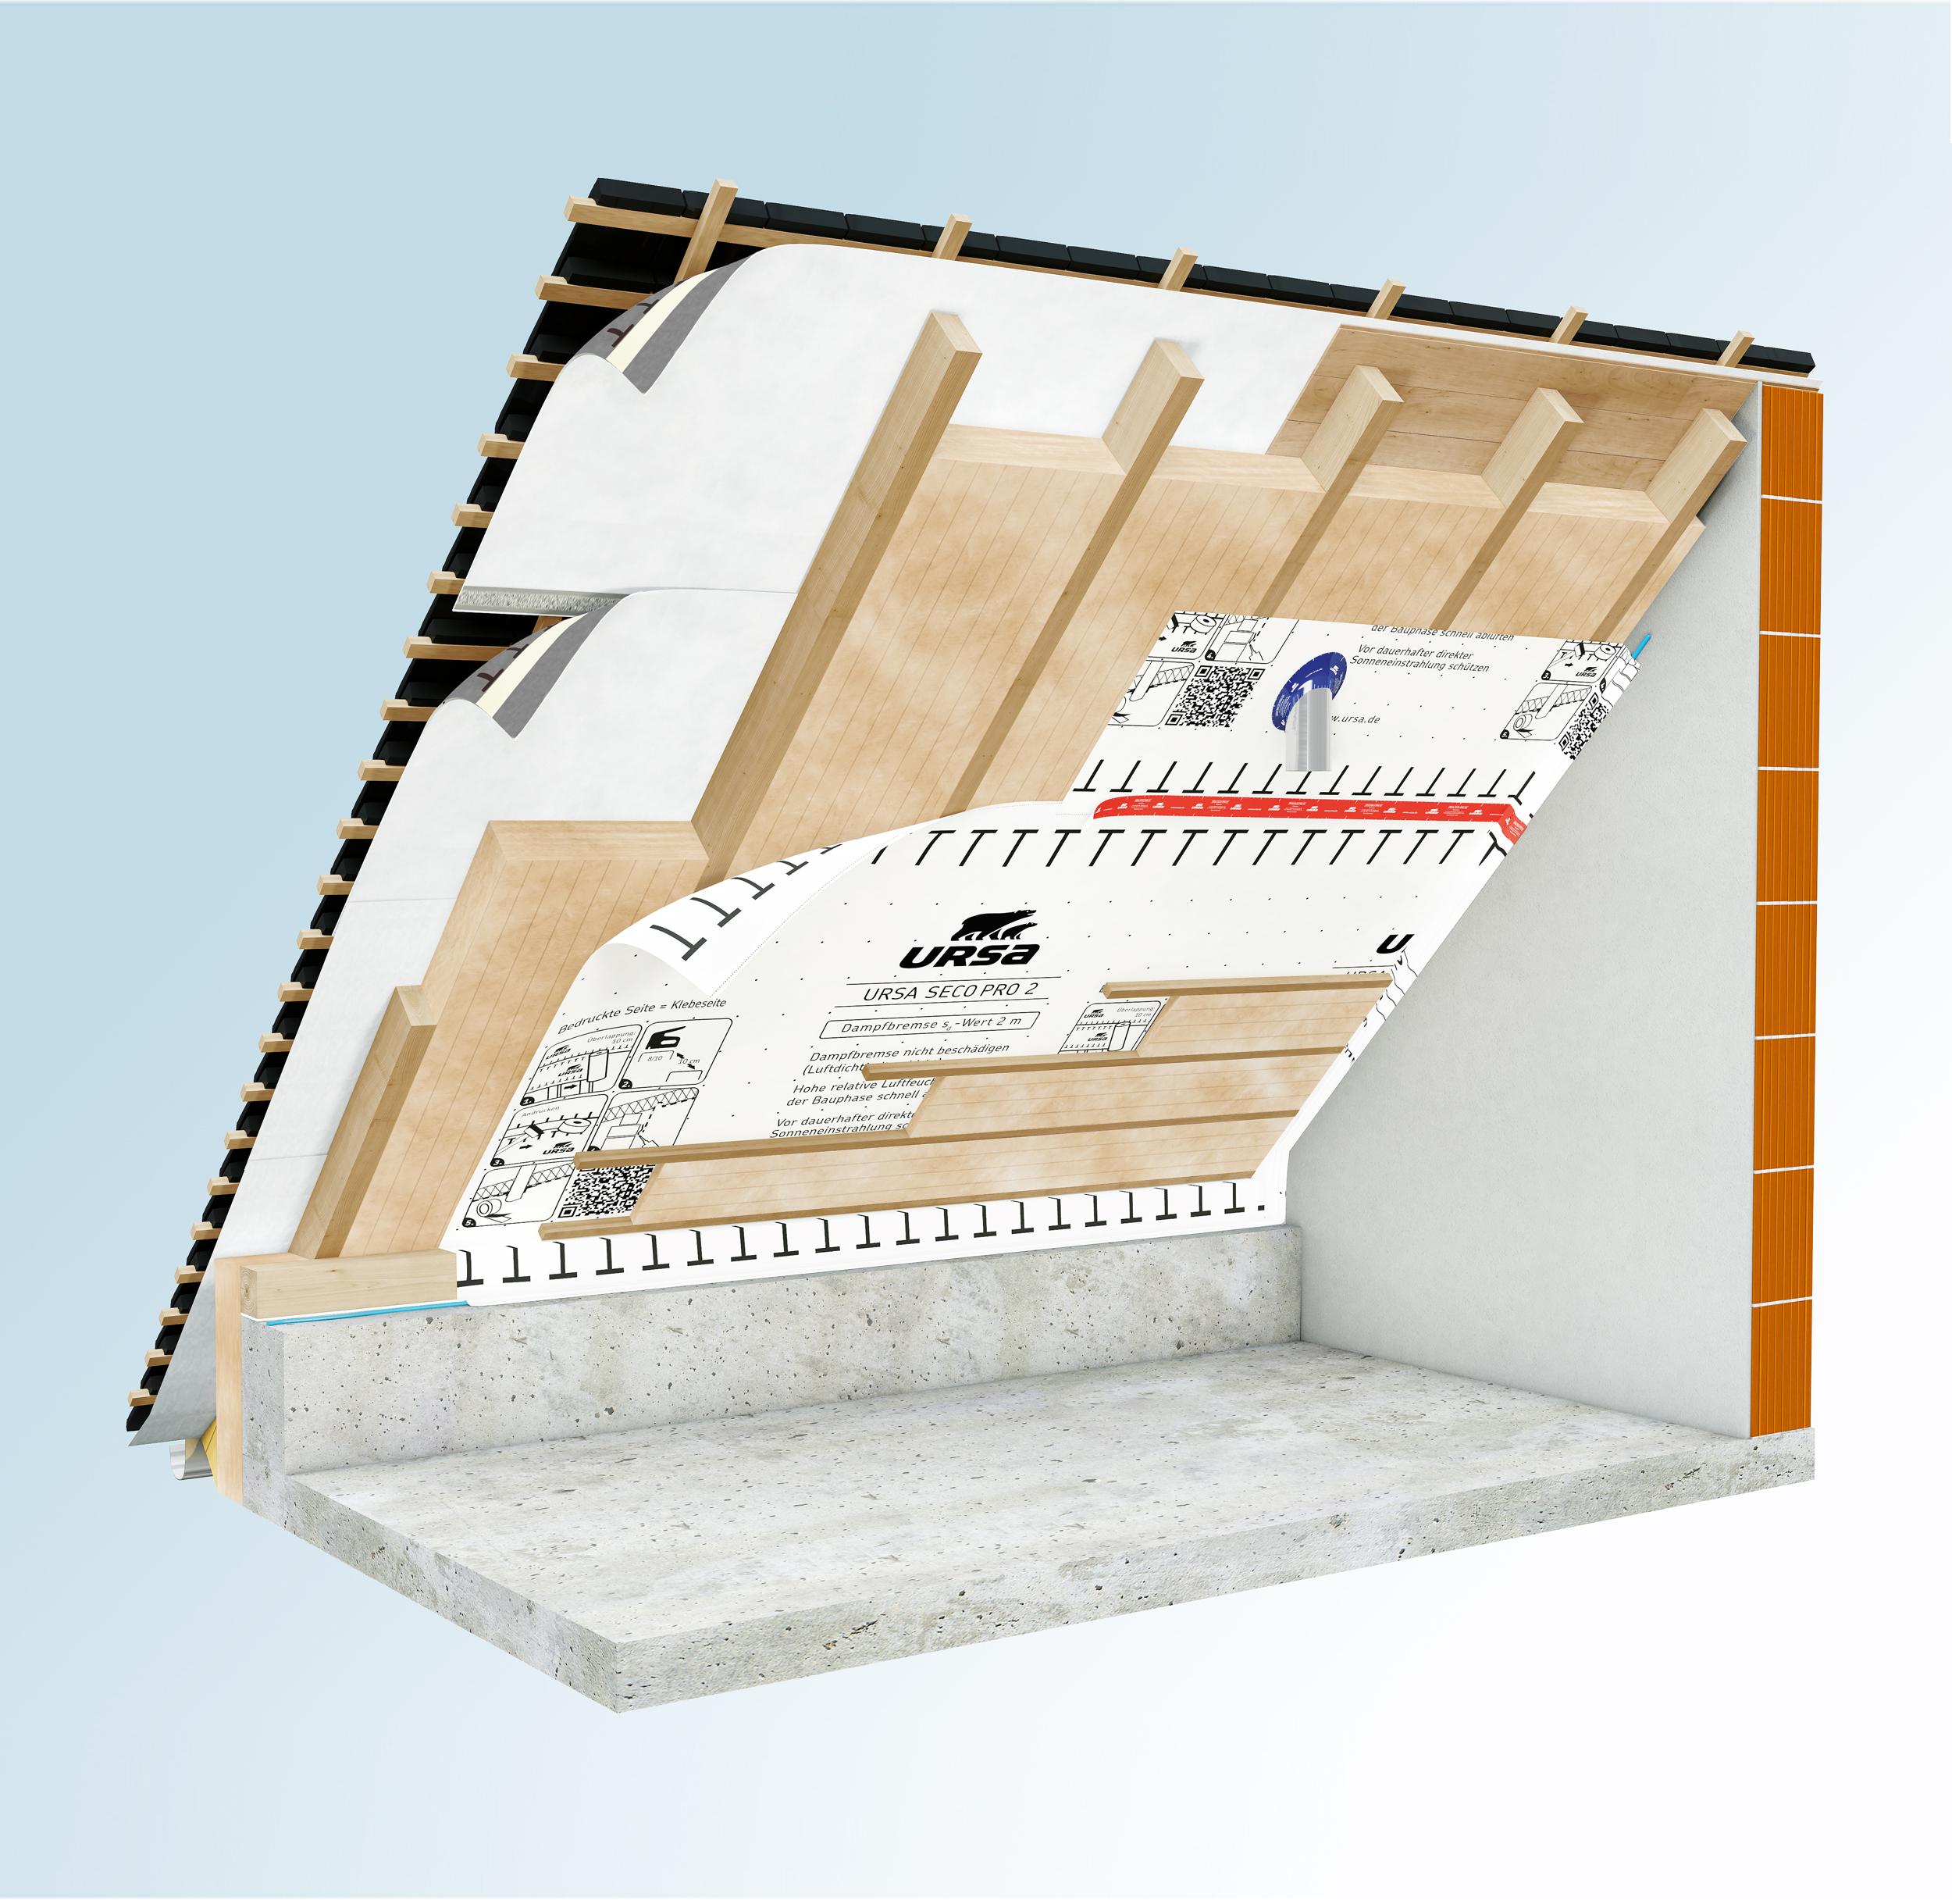 Ušetřete náklady i životní prostředí kvalitním zateplením střechy či podkroví